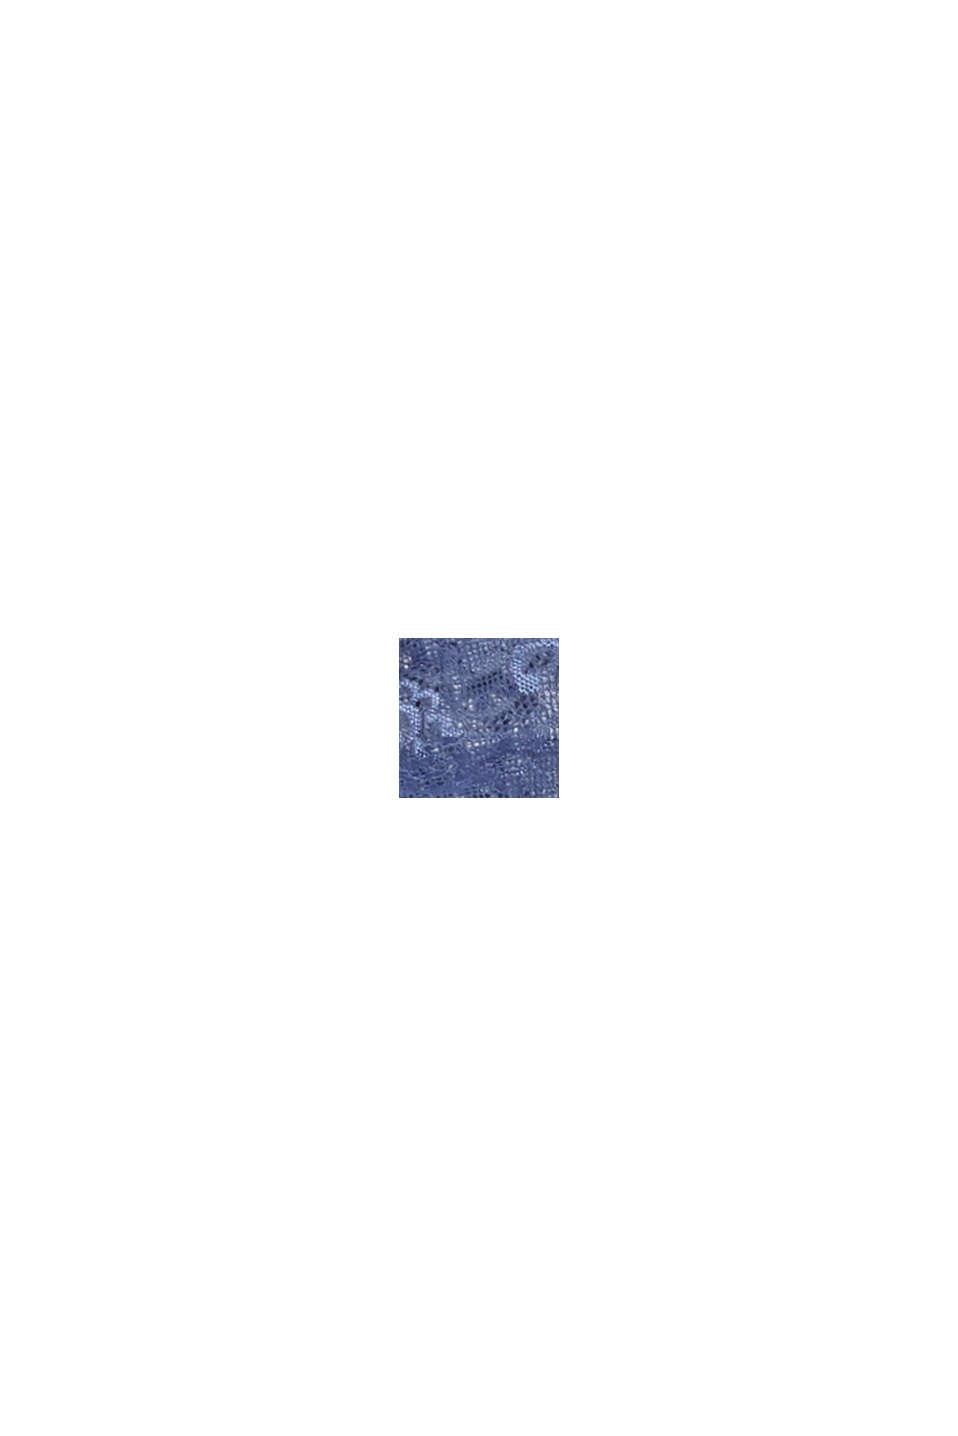 Hipsterhousut mattaisen kiiltävää pitsiä, BLUE LAVENDER, swatch